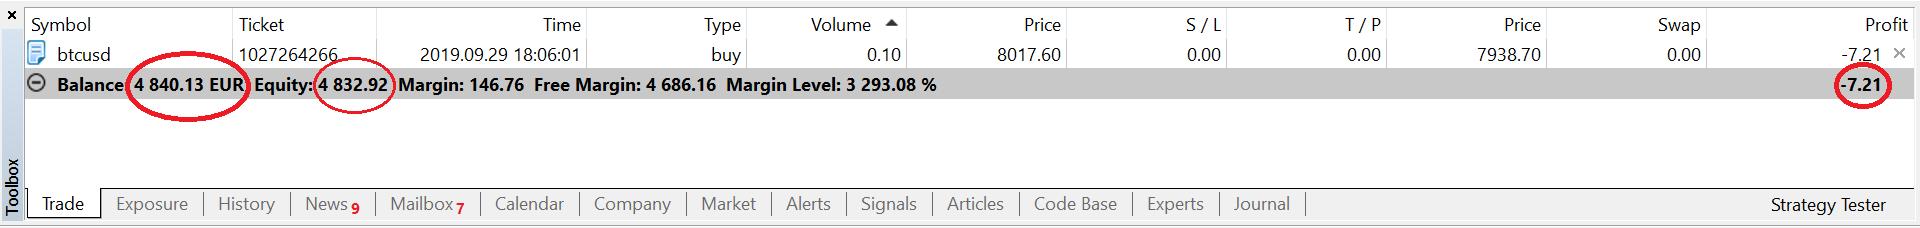 vienkāršs veids, kā nopelnīt naudu par binārām opcijām